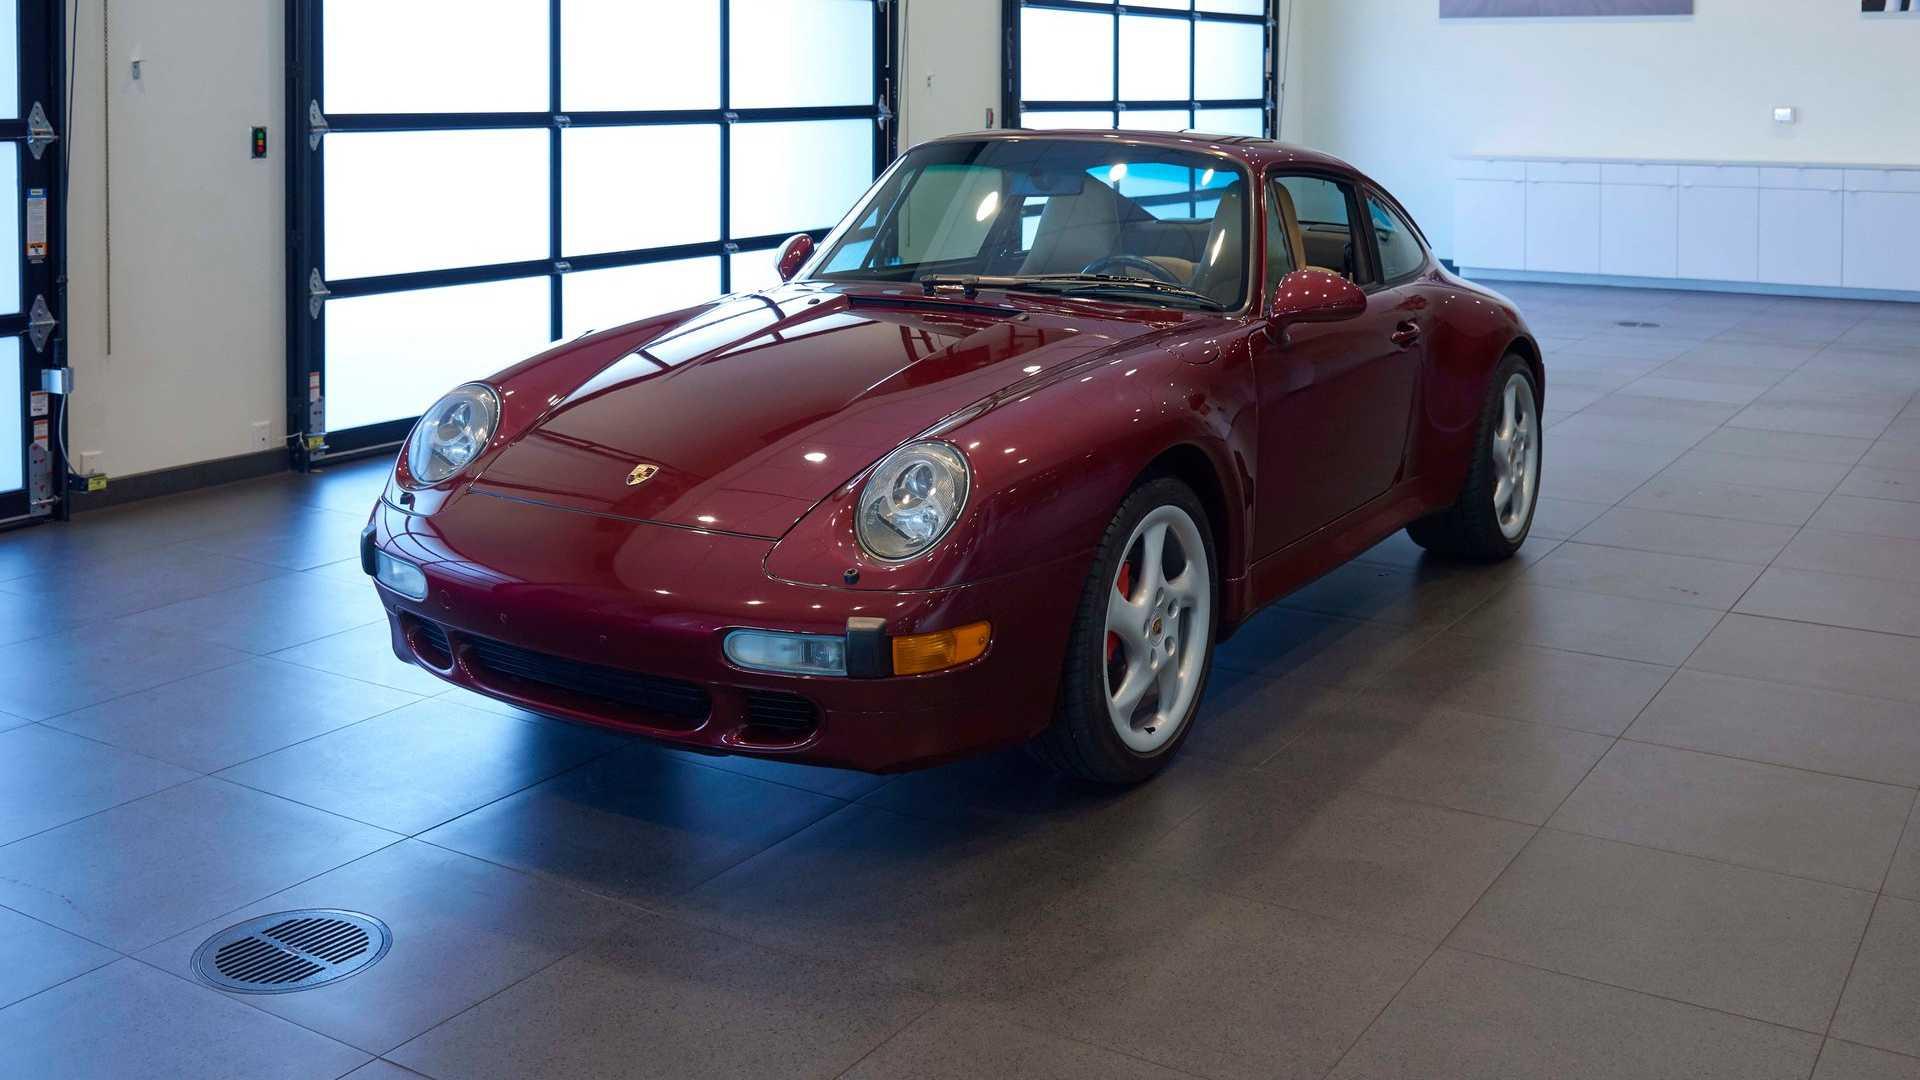 Air-Cooled Creampuff: 1996 Porsche 911 Carrera 4S